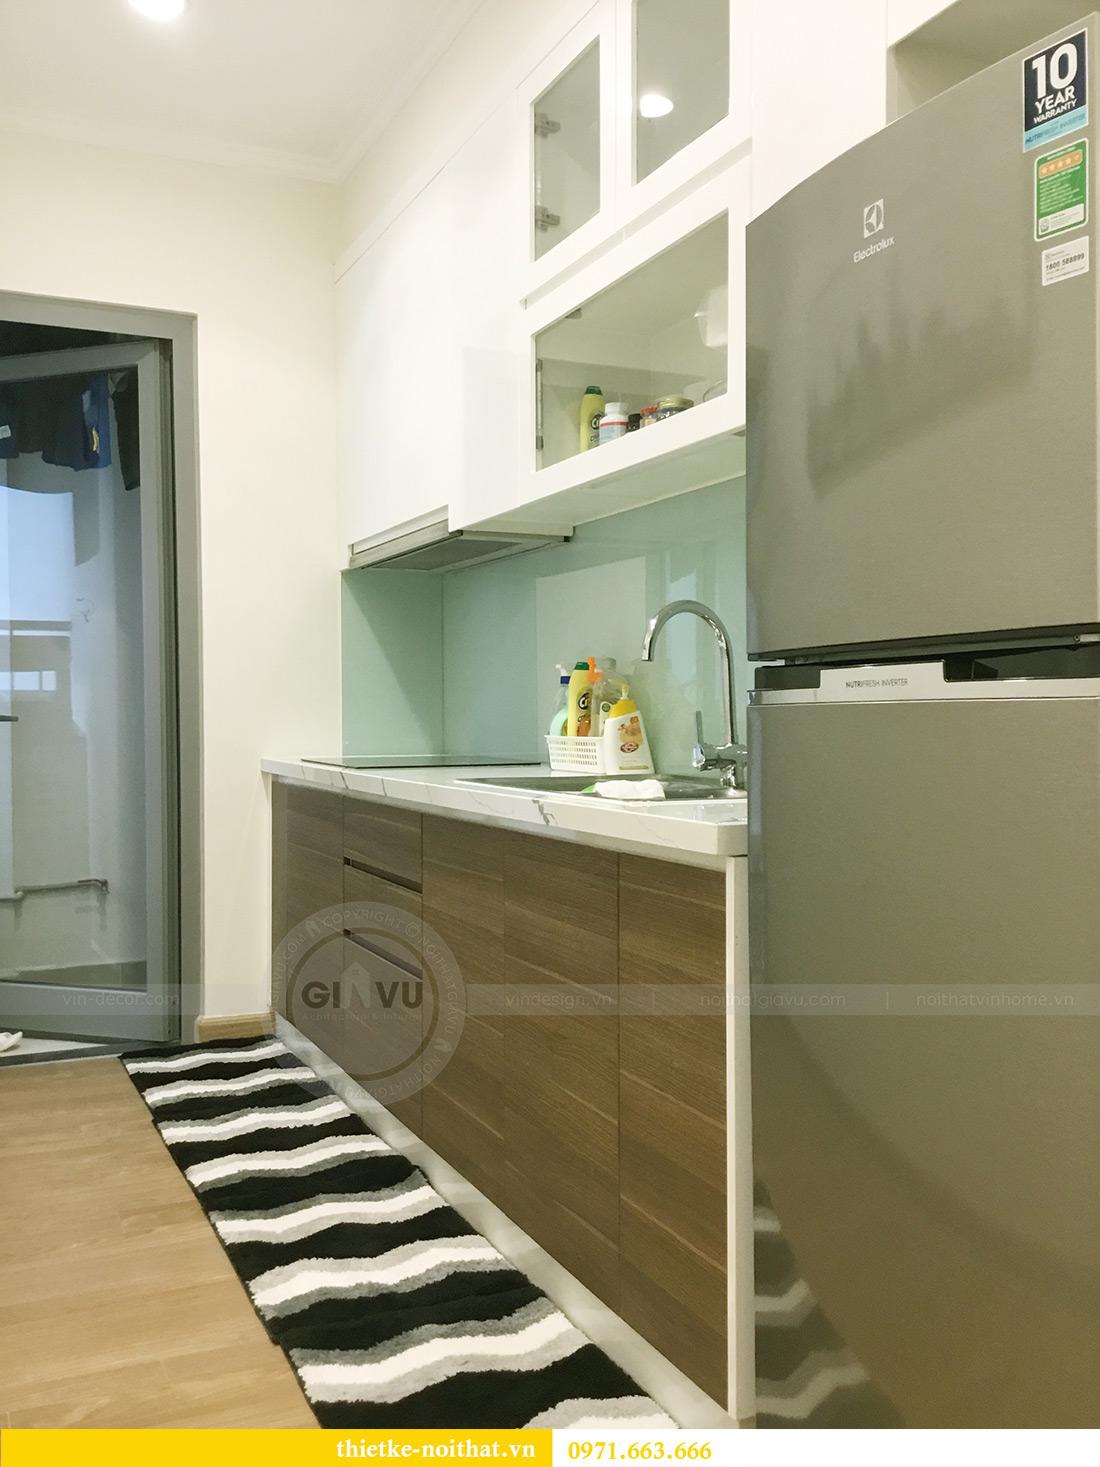 Thi công hoàn thiện nội thất chung cư Park Hill căn 21 Park 12 Anh Sơn 8